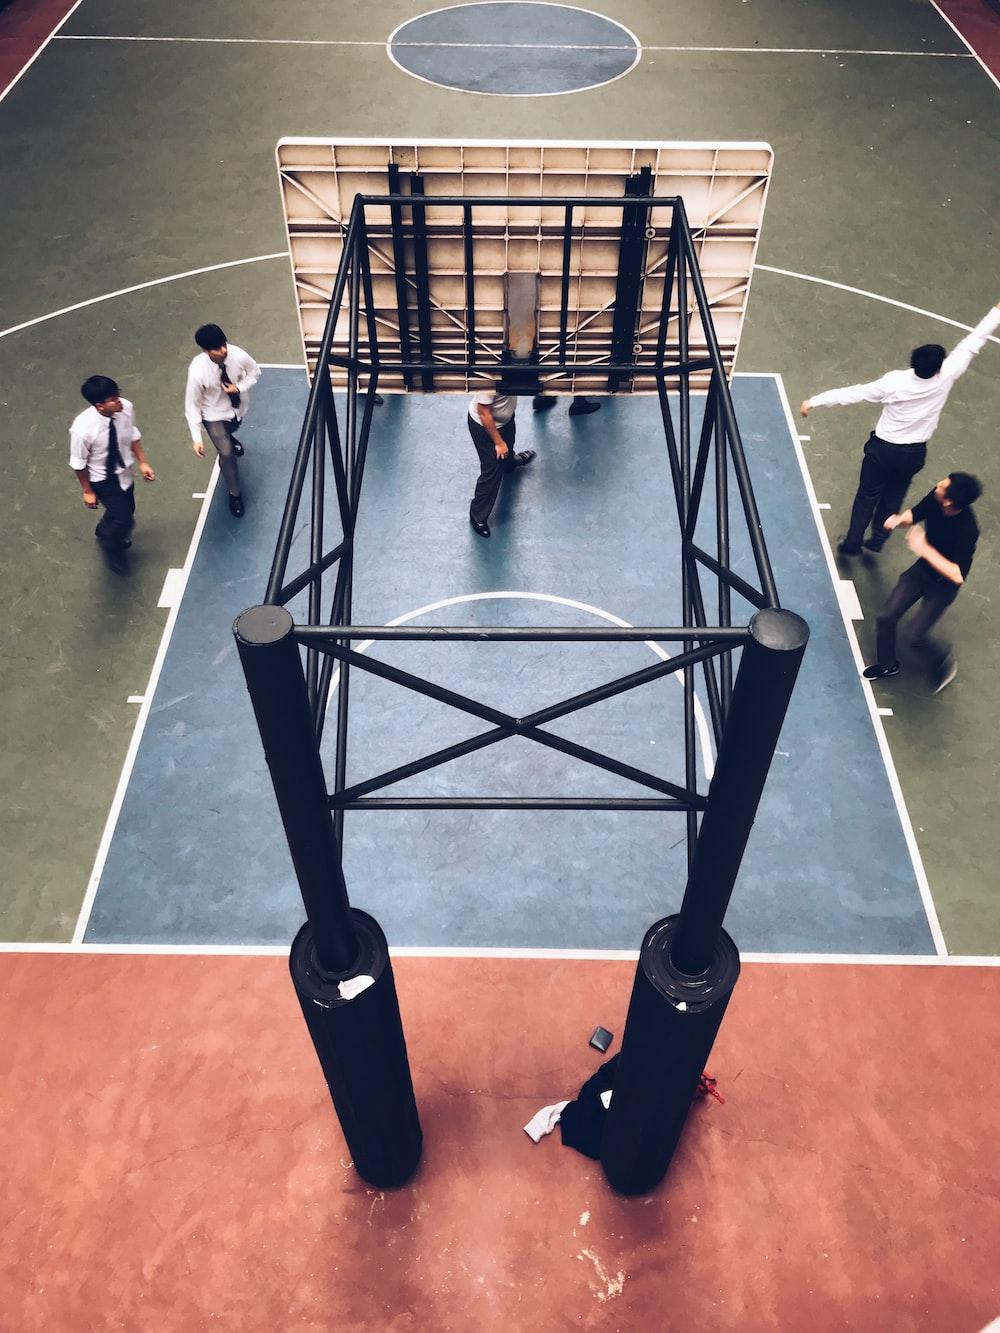 people standing under basketball hoop